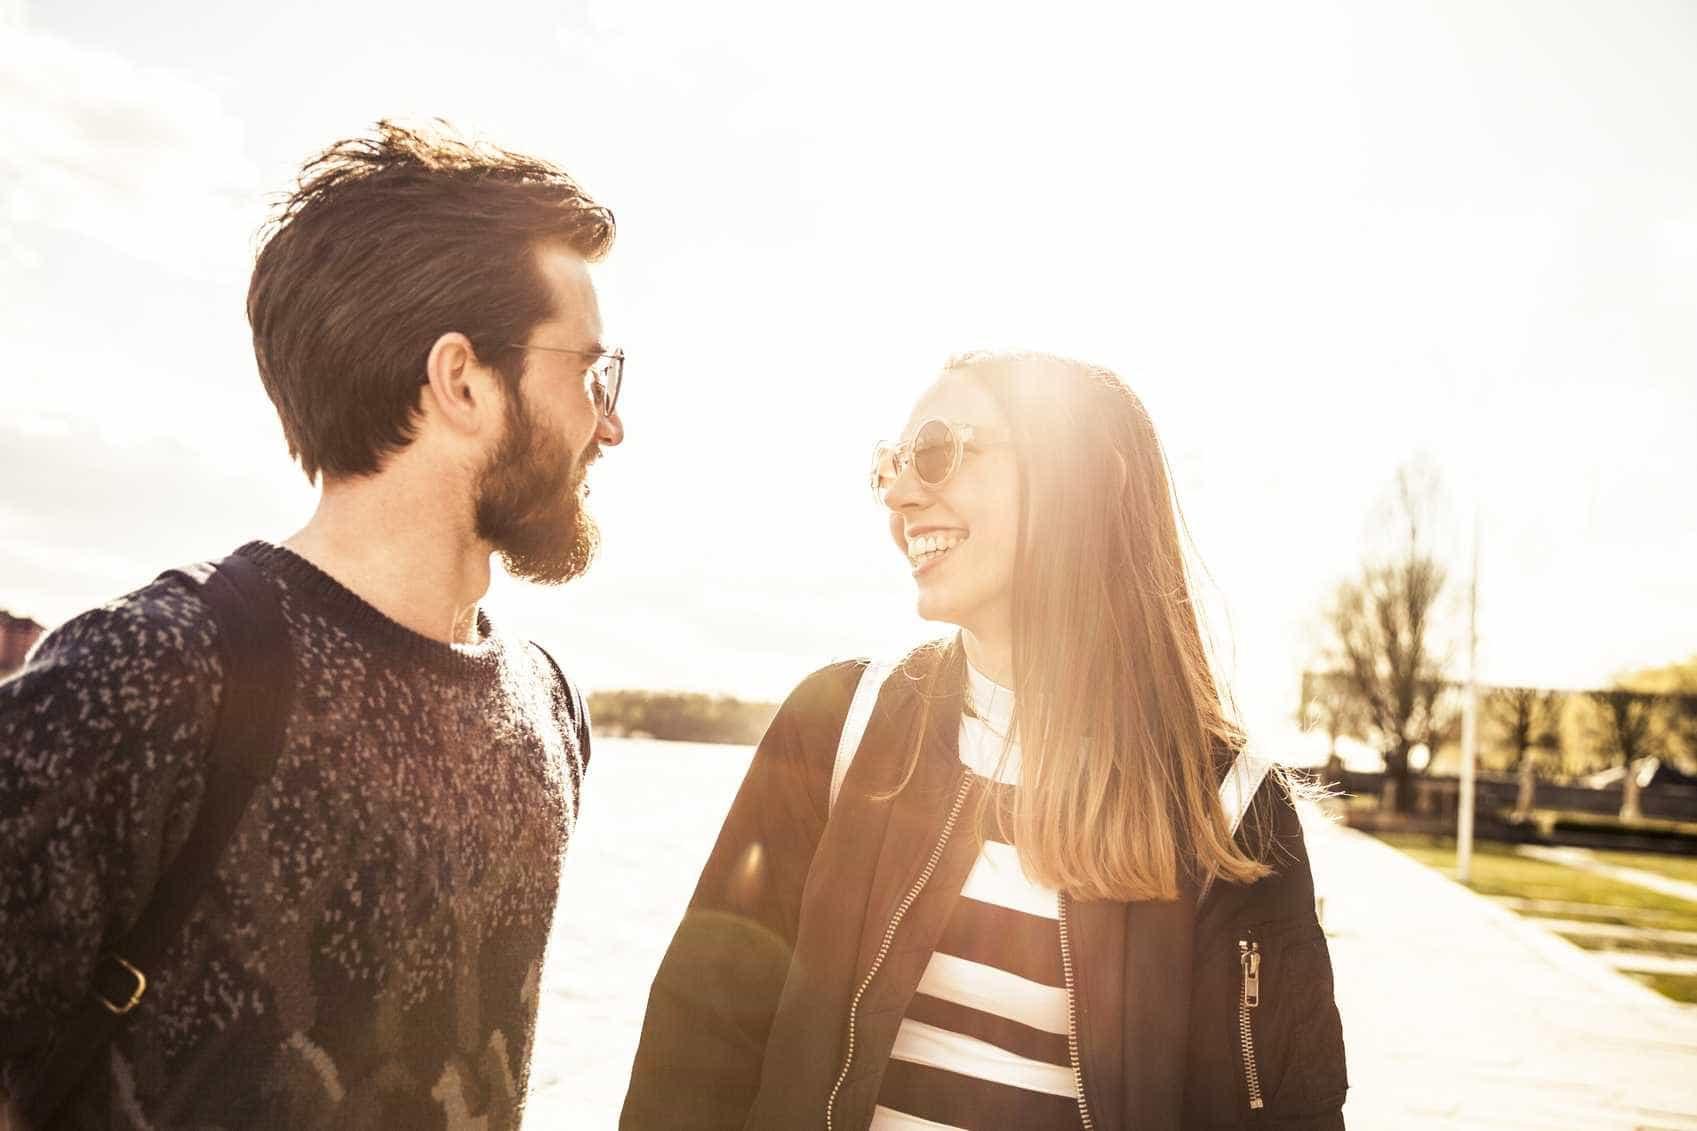 Vinte sinais de que têm tudo para ser um bom casal